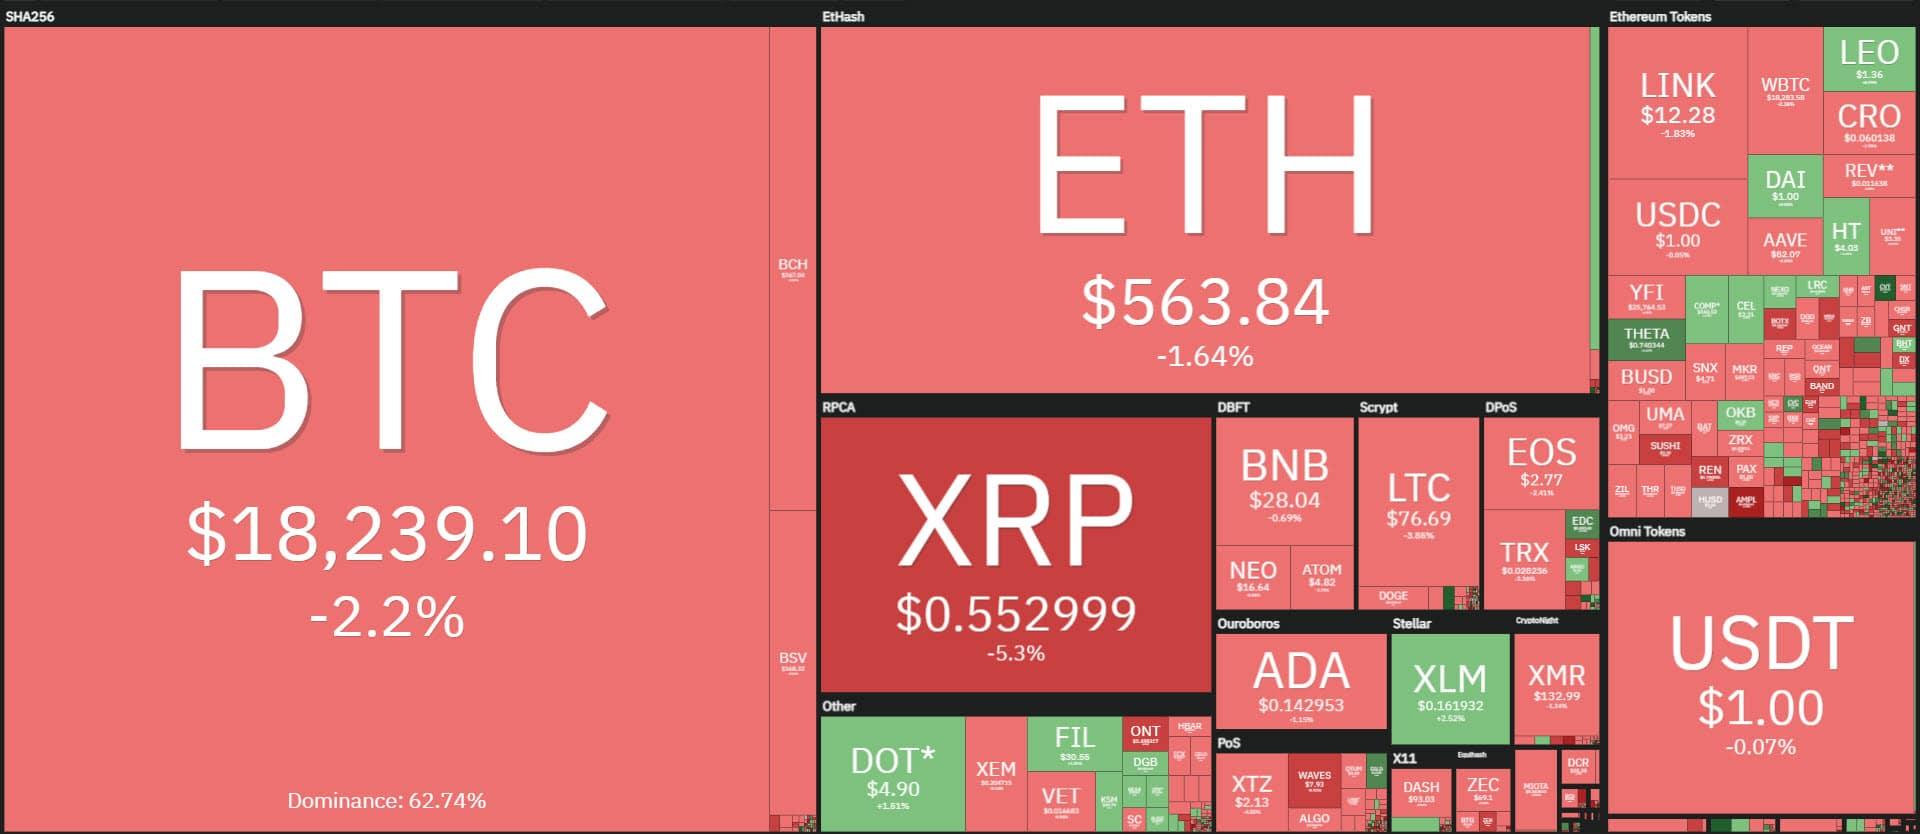 coin360 1 20201209